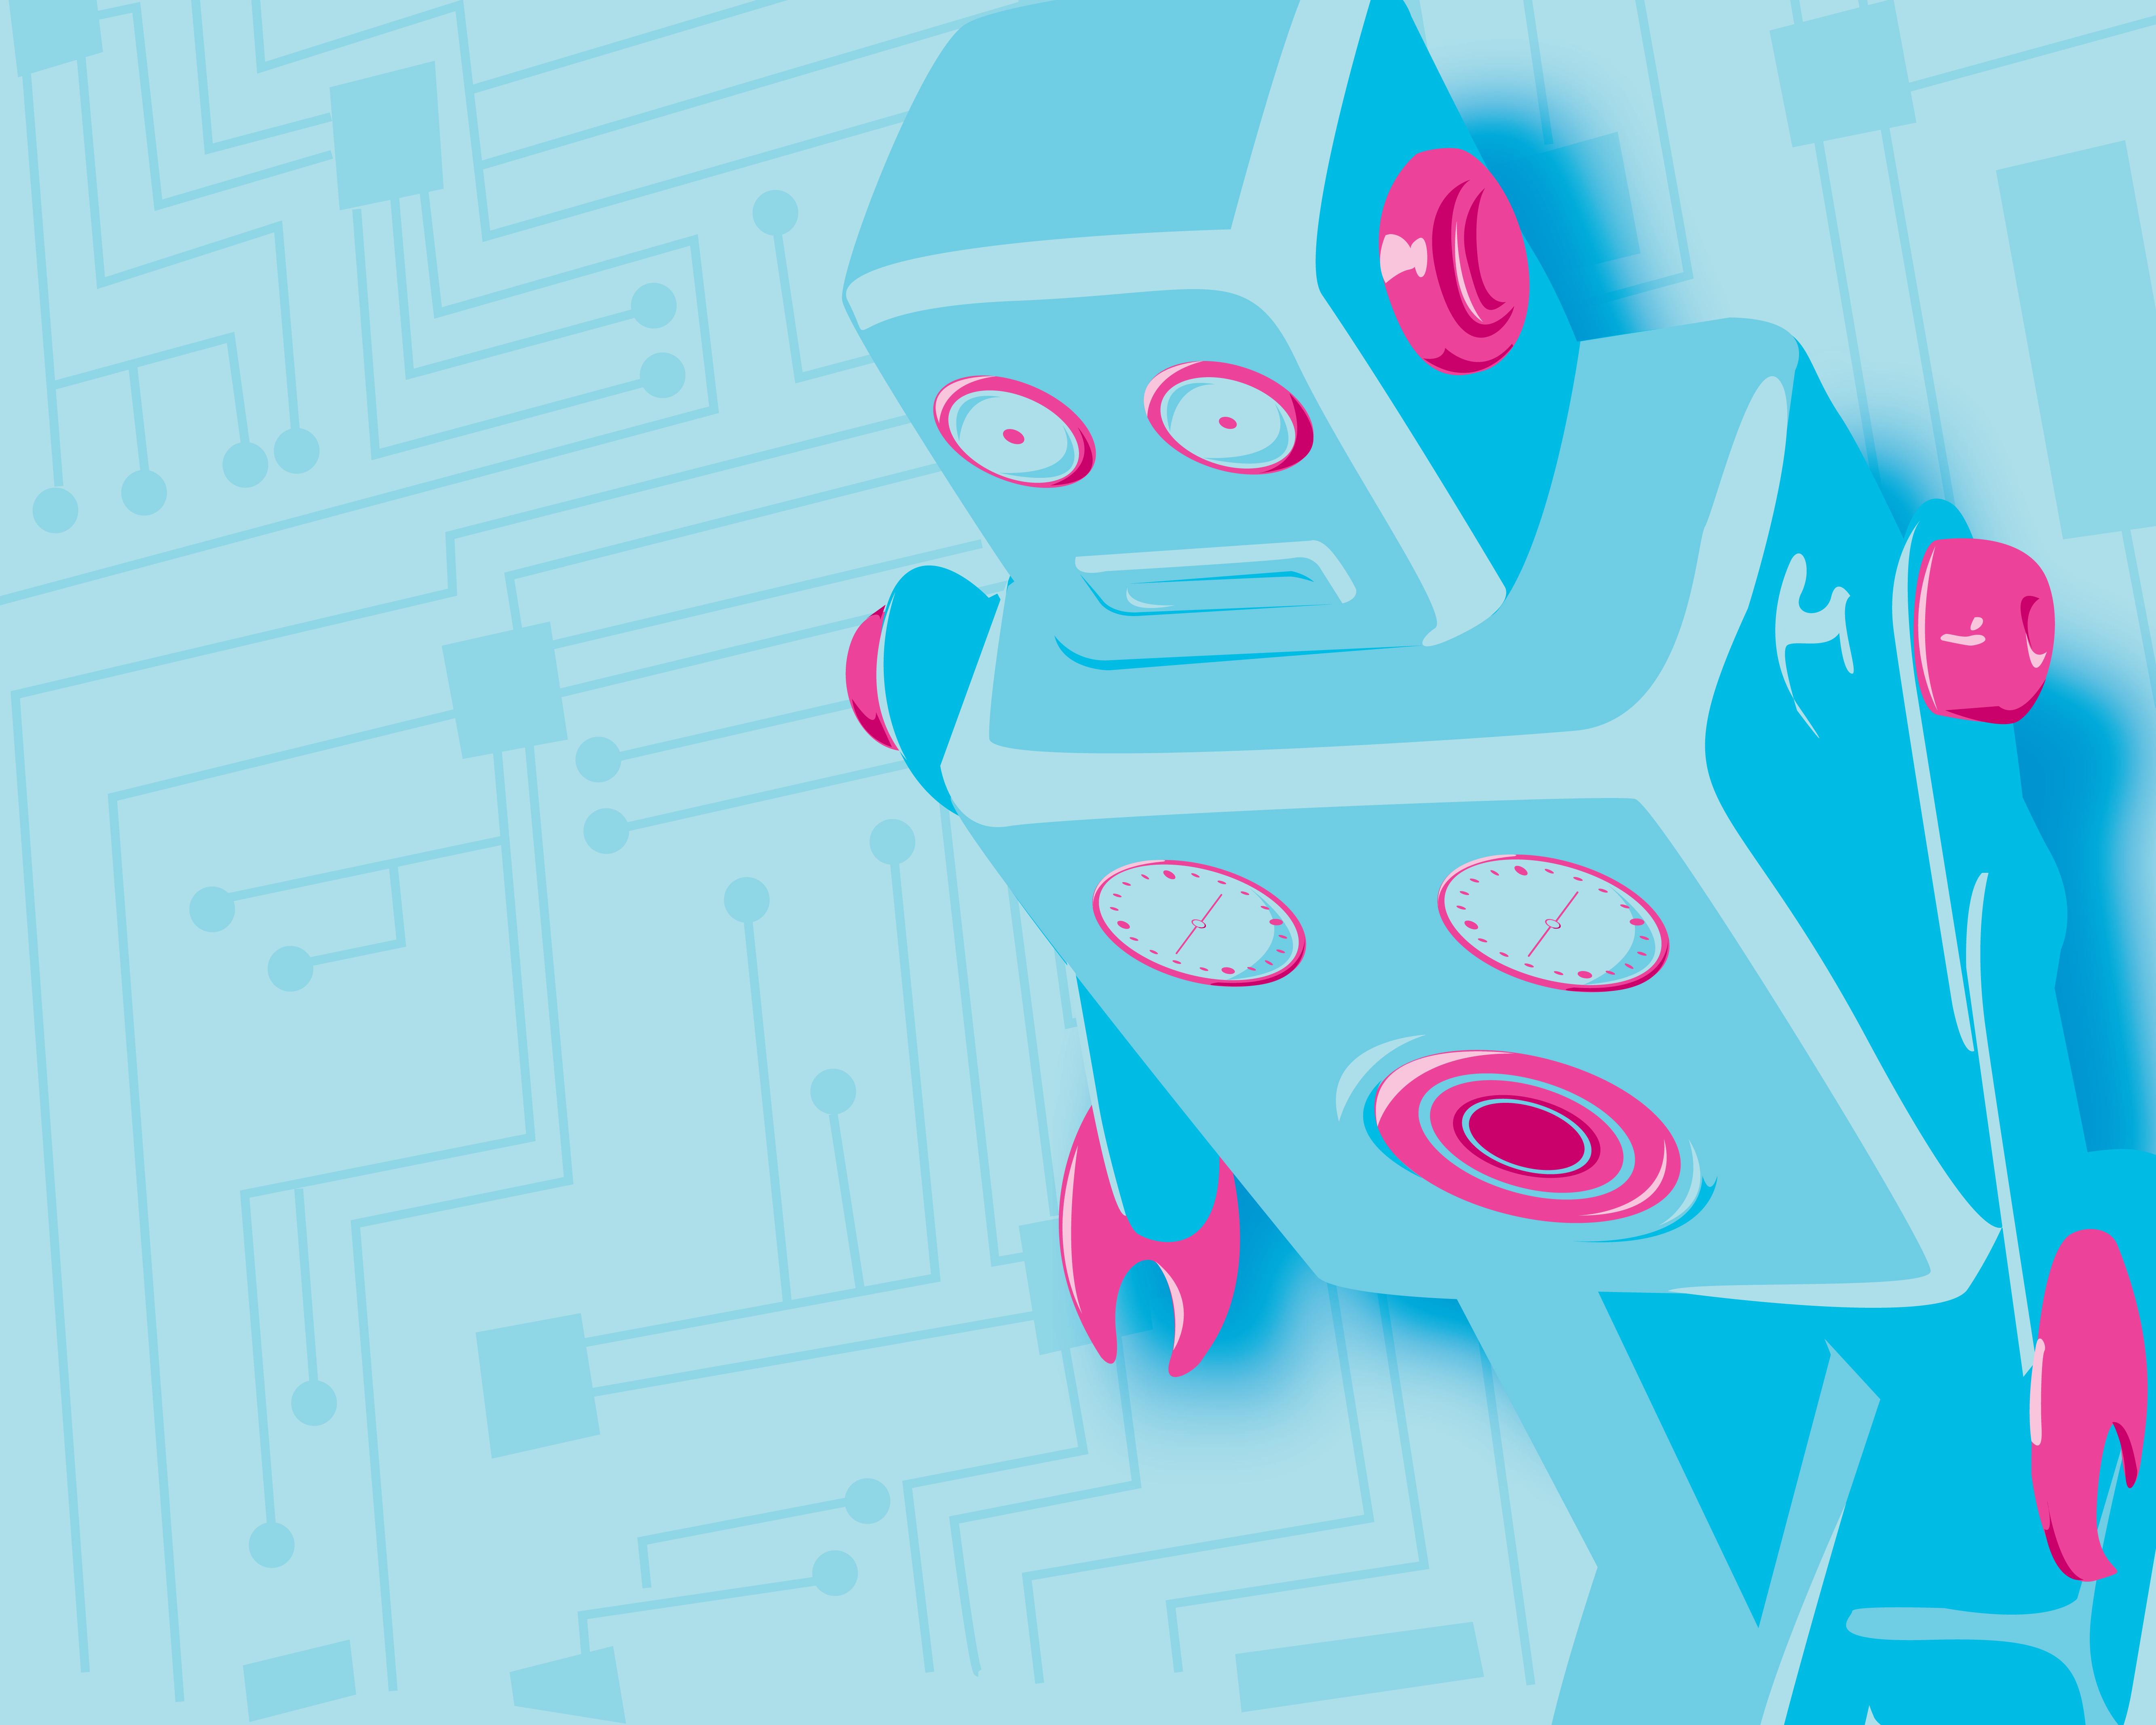 Hd Robot Wallpapers wallpaper hd